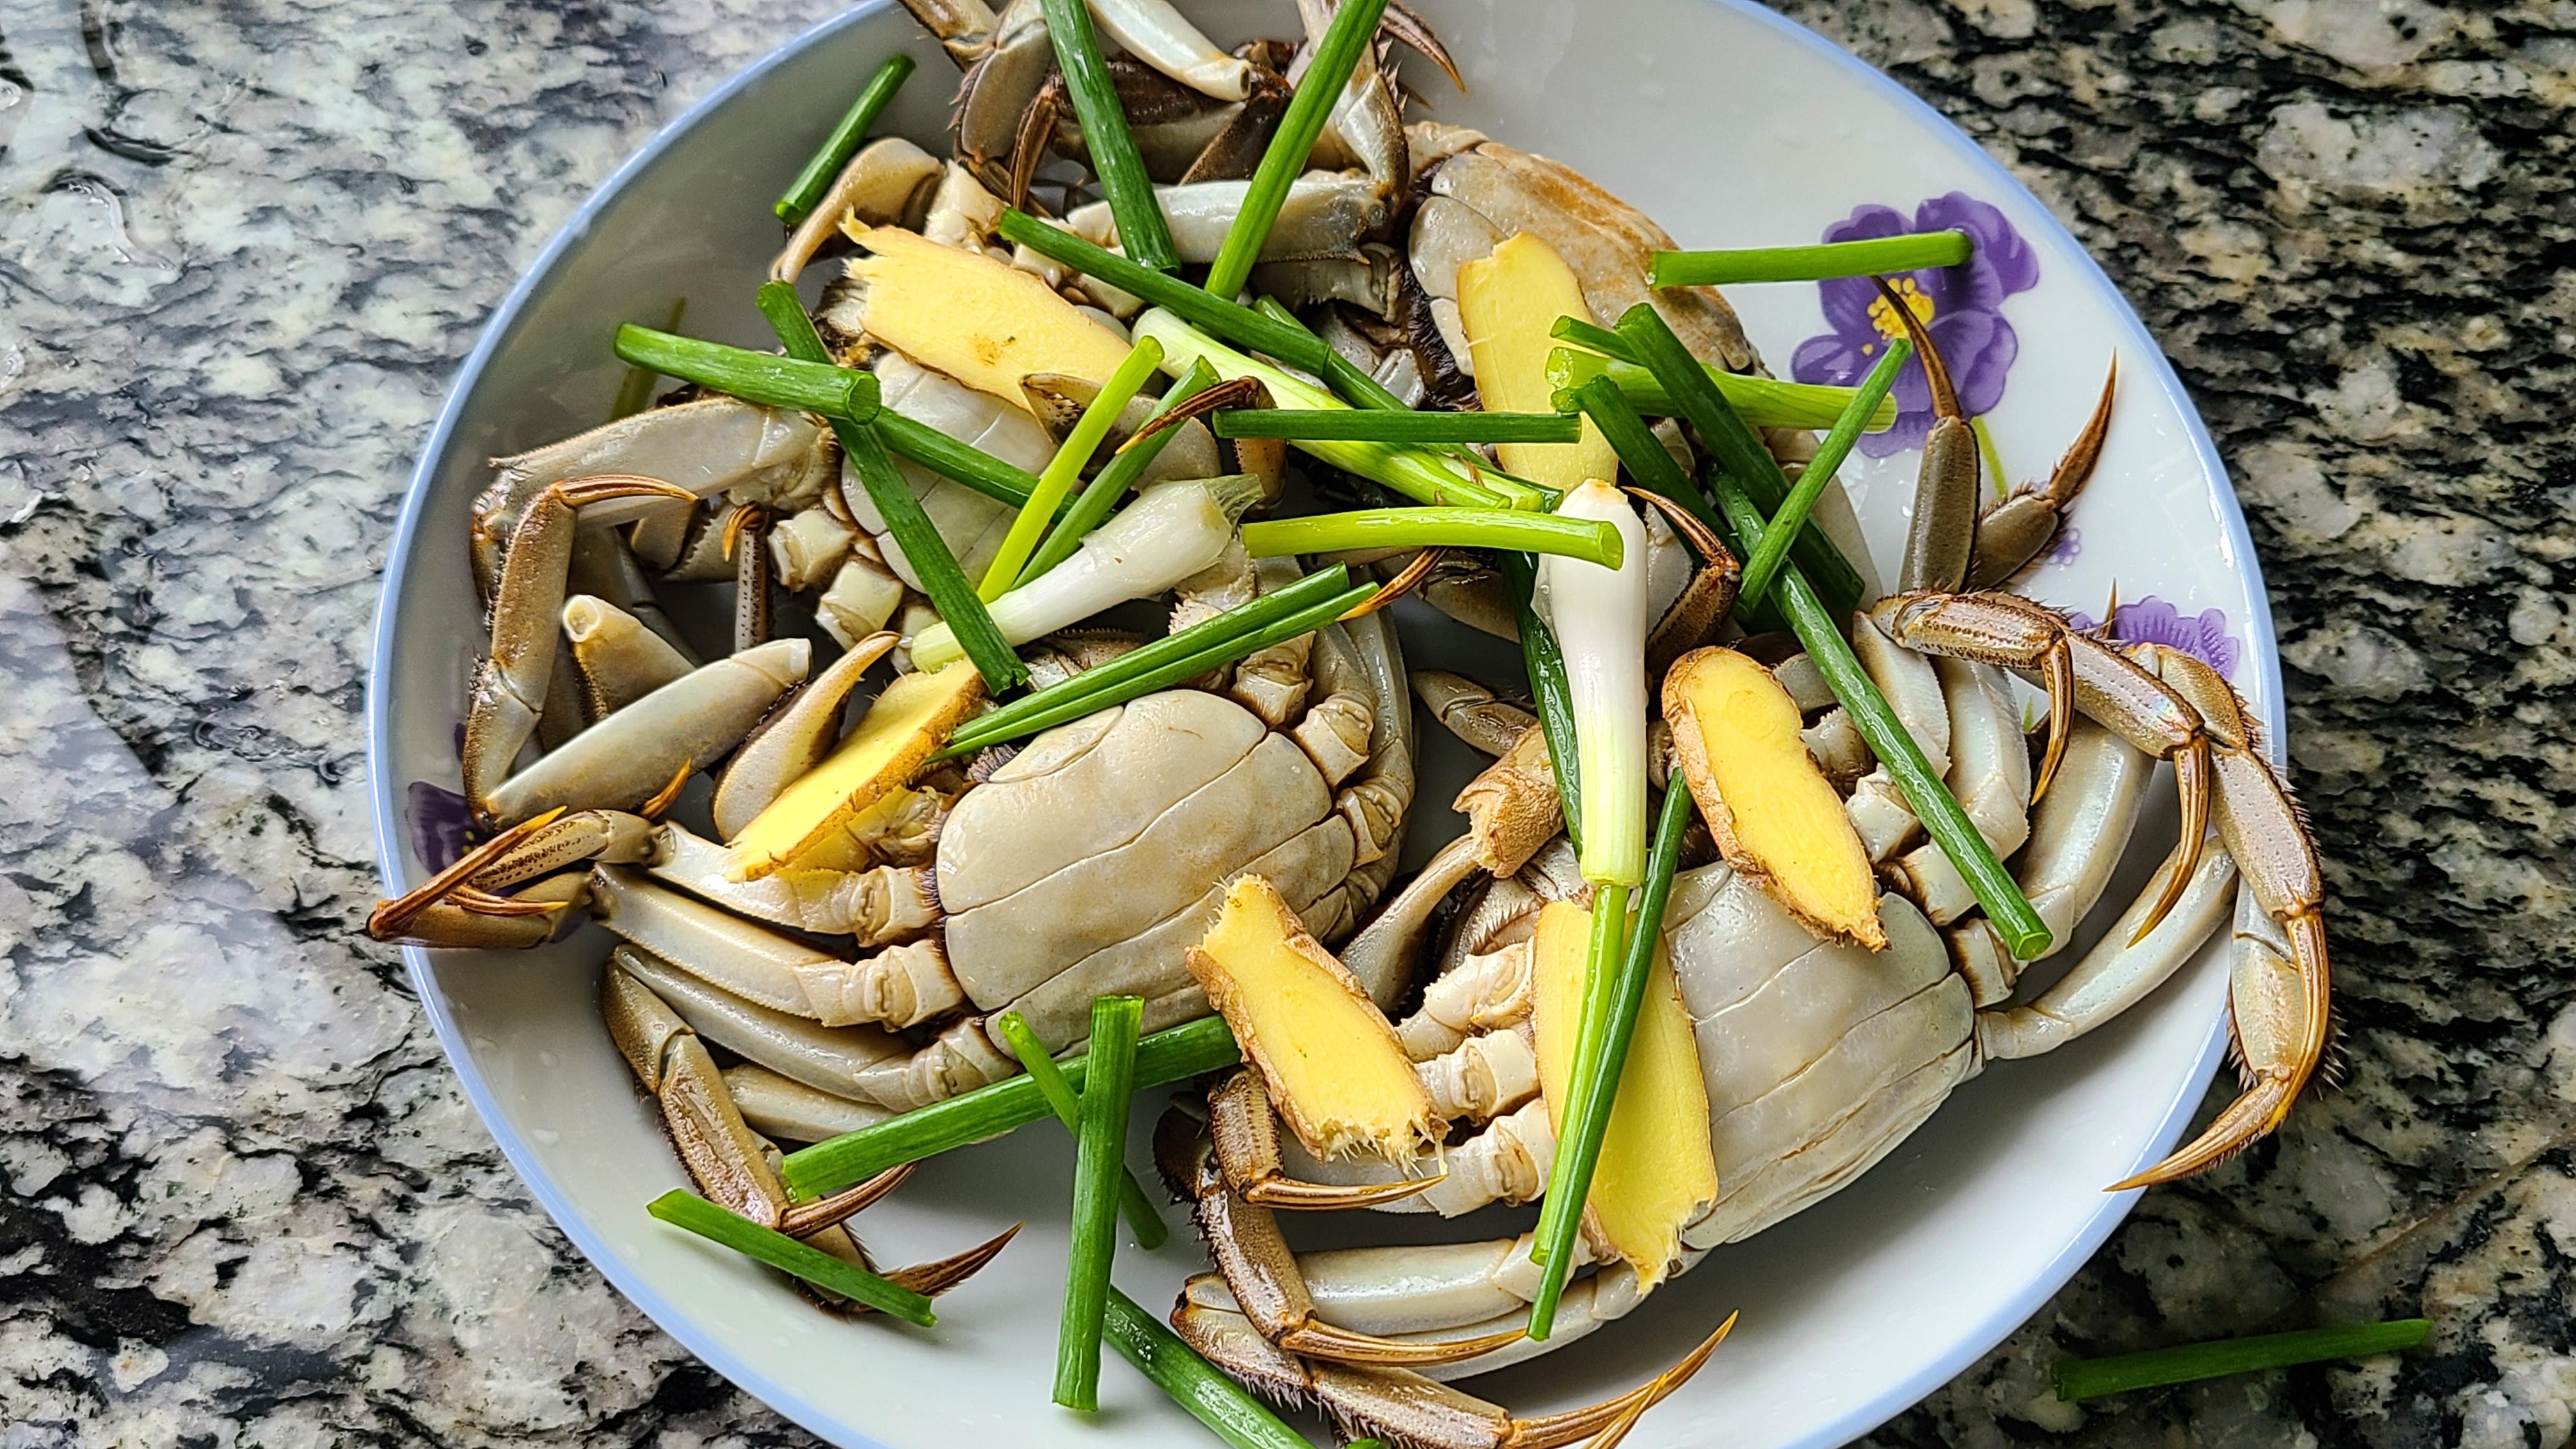 螃蟹的家常做法,鮮香美味又營養,一口咬下去,滿嘴的蟹黃